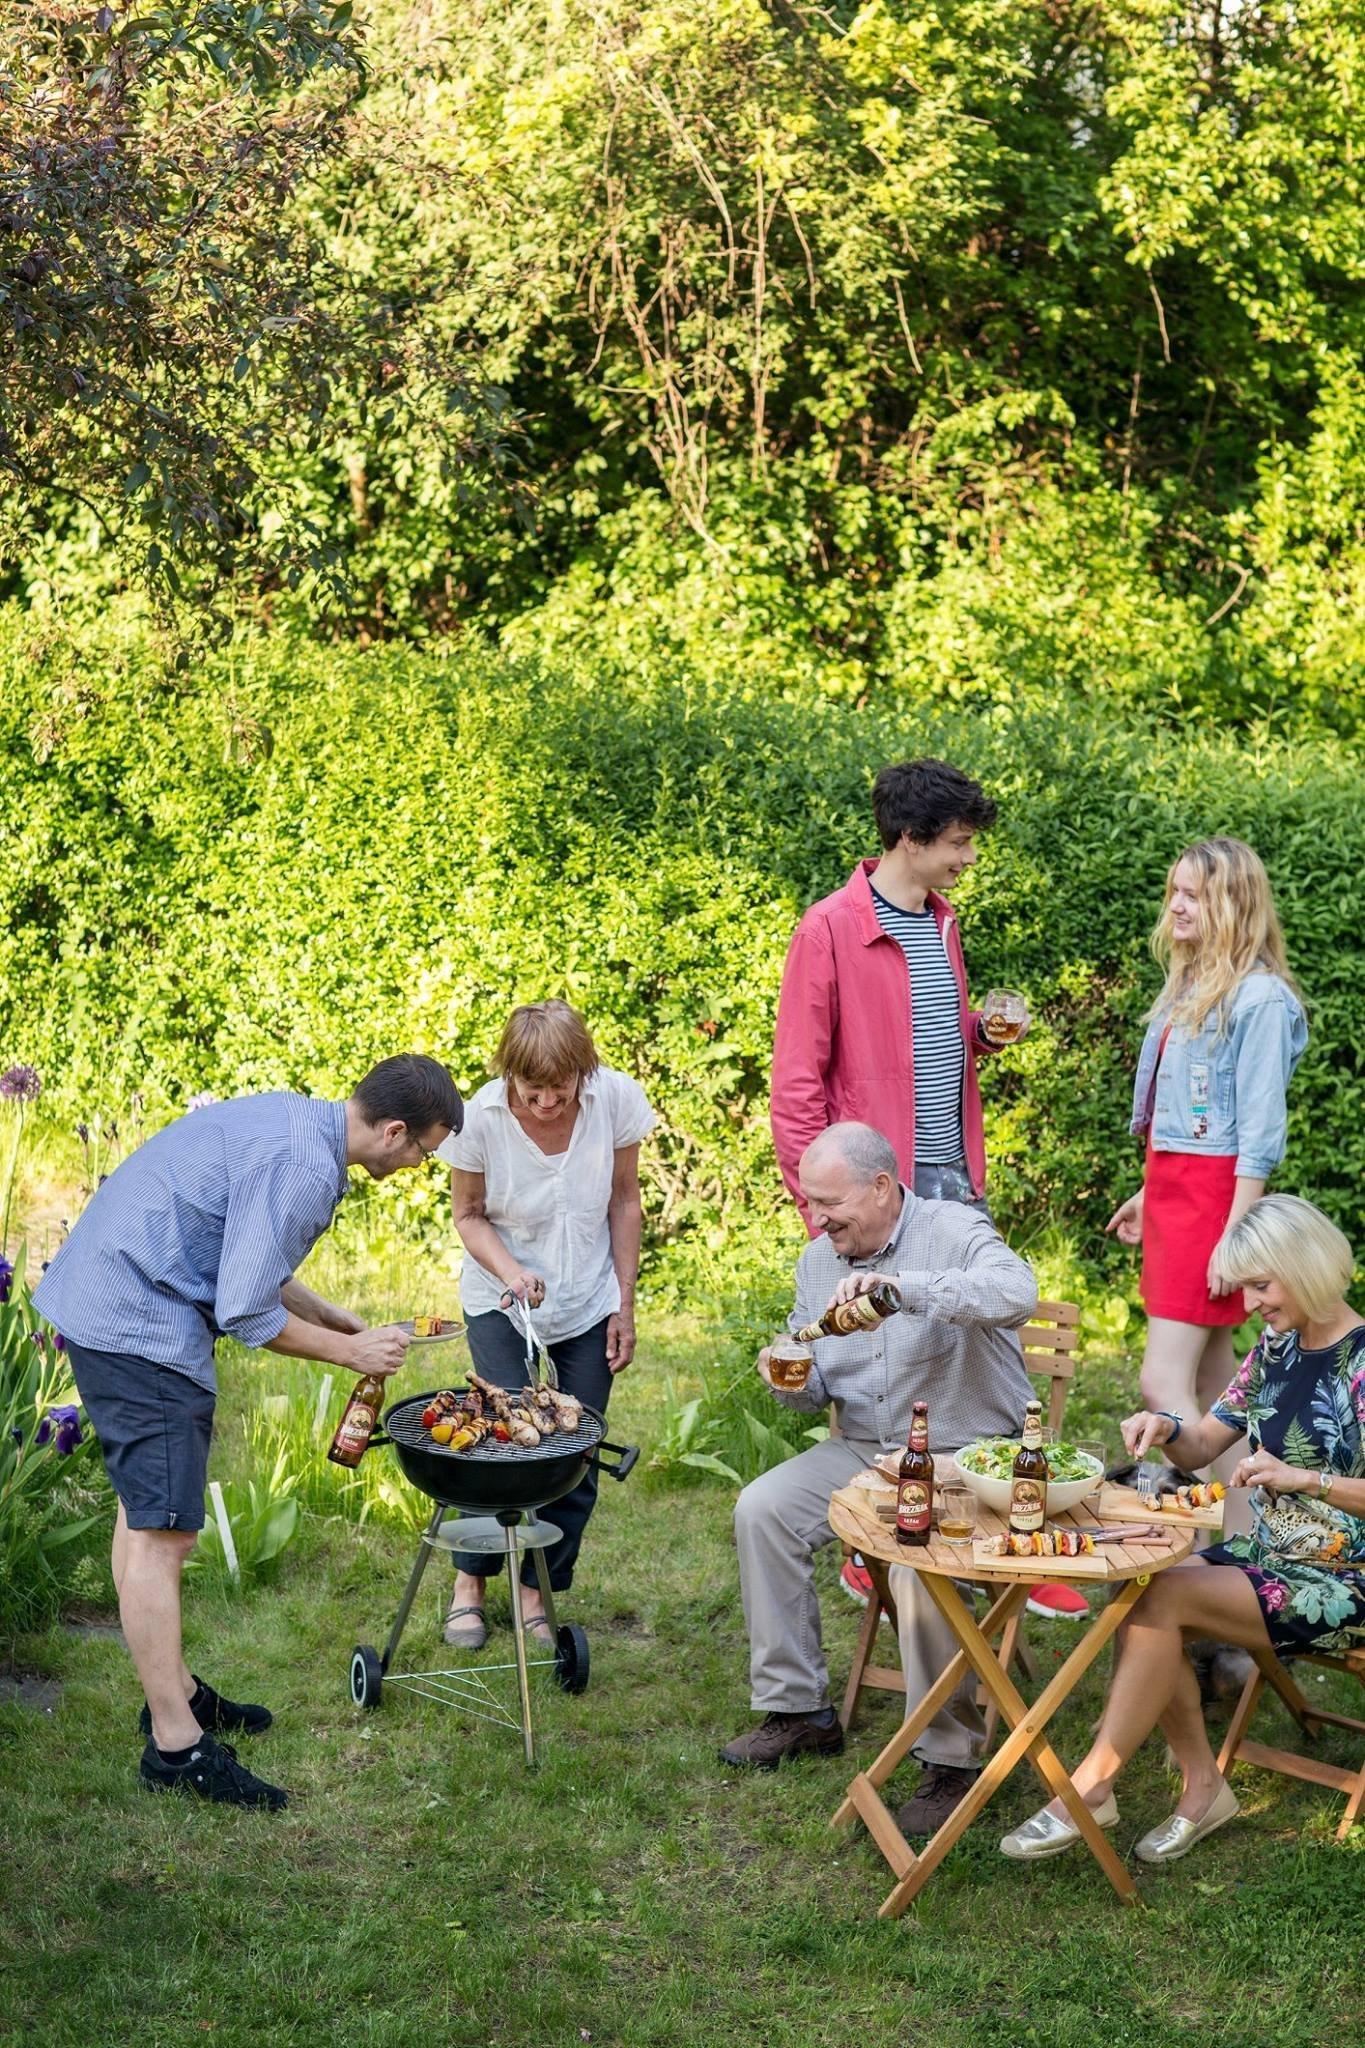 Letošní léto nám zatím přeje – počasí se drží na příjemných teplotách a večery jsou dostatečně teplé na zahradní grilování. Pokud si i vy chcete letos dopřát chutné steaky a klobásky v dobré společnosti na vaší zahradě, možná vám náš článek přijde vhod.